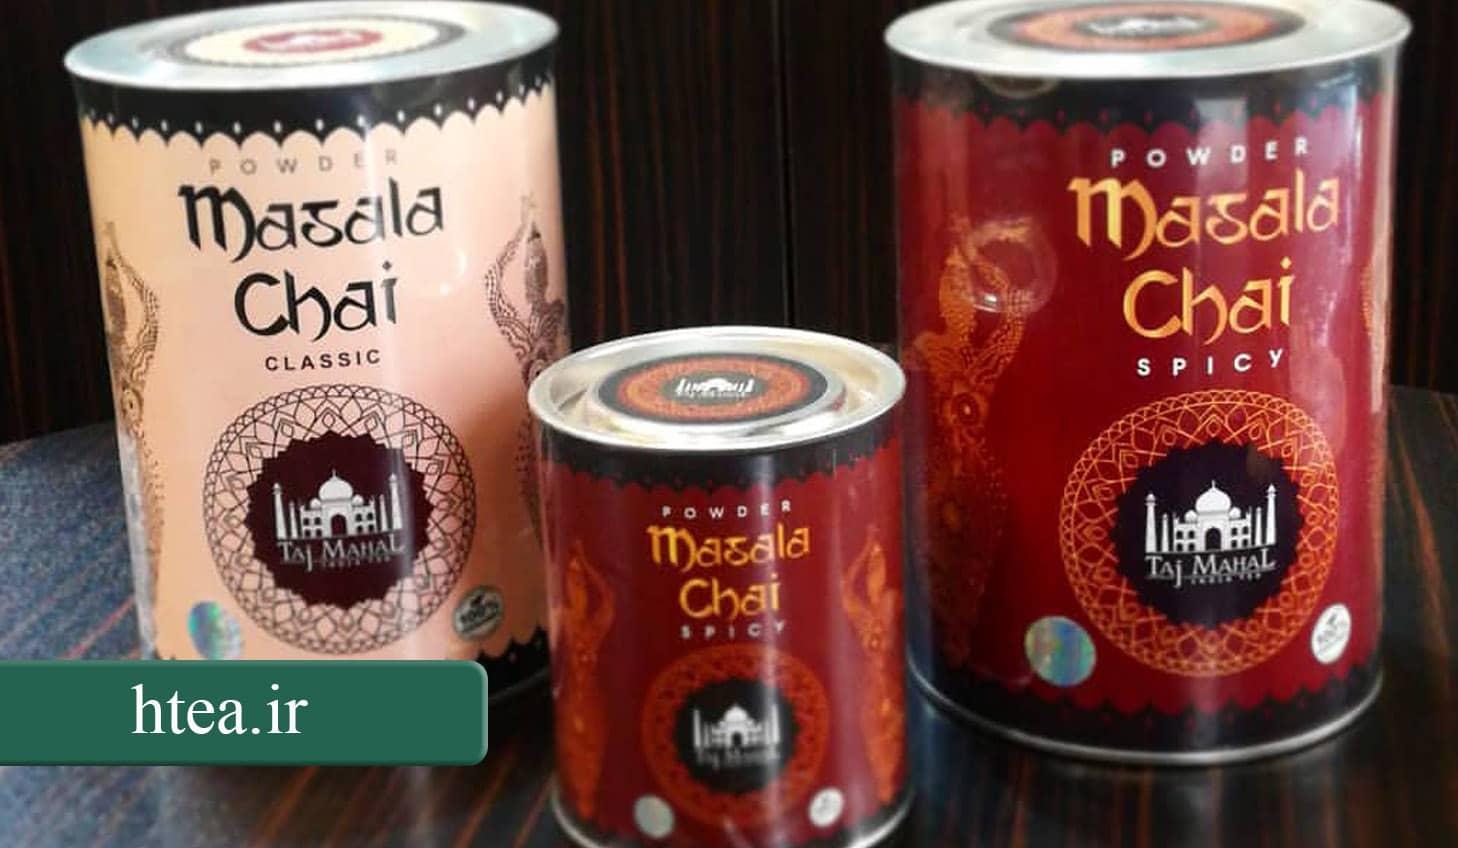 خرید چای ماسالا جزئی